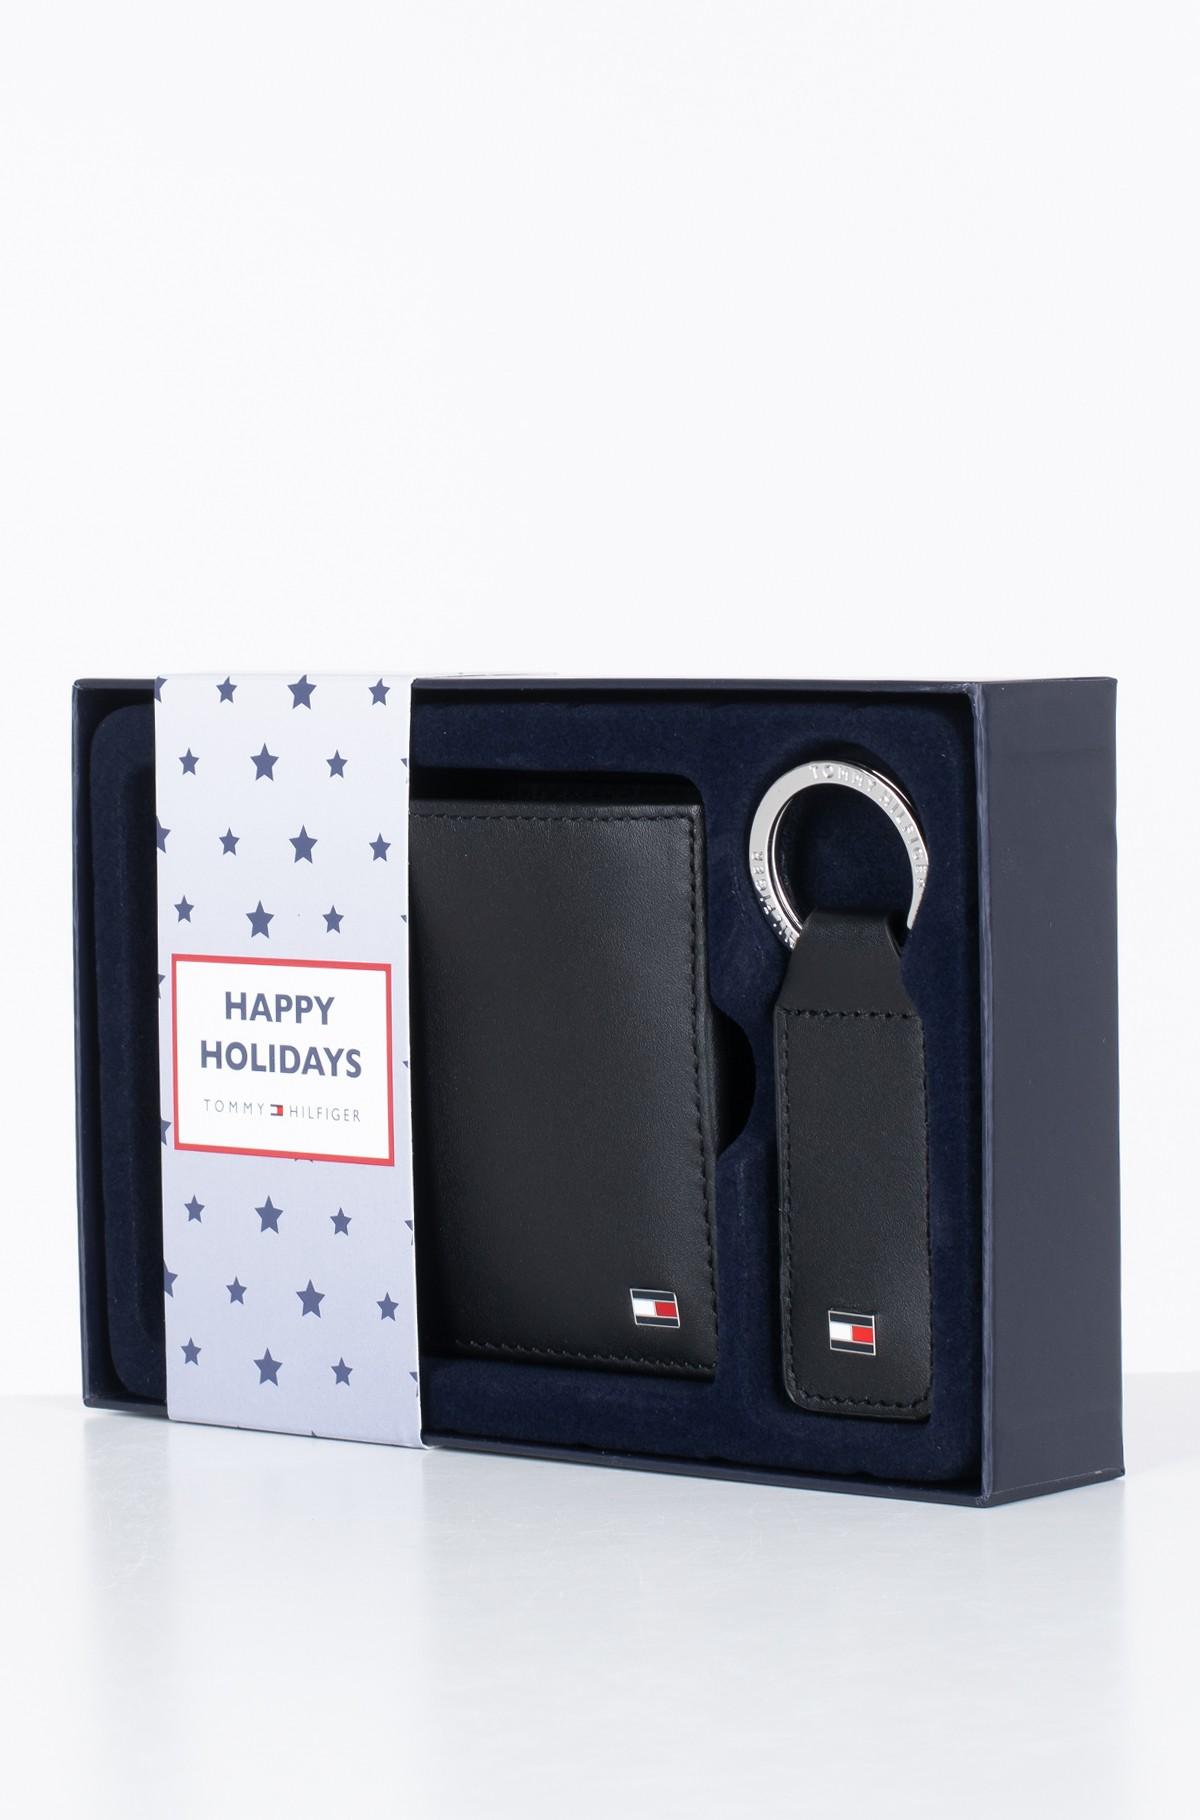 Piniginė ir žiedas raktams dovanų dėžutėje ETON CC AND COIN PCKT KEYFOB BOX-full-1